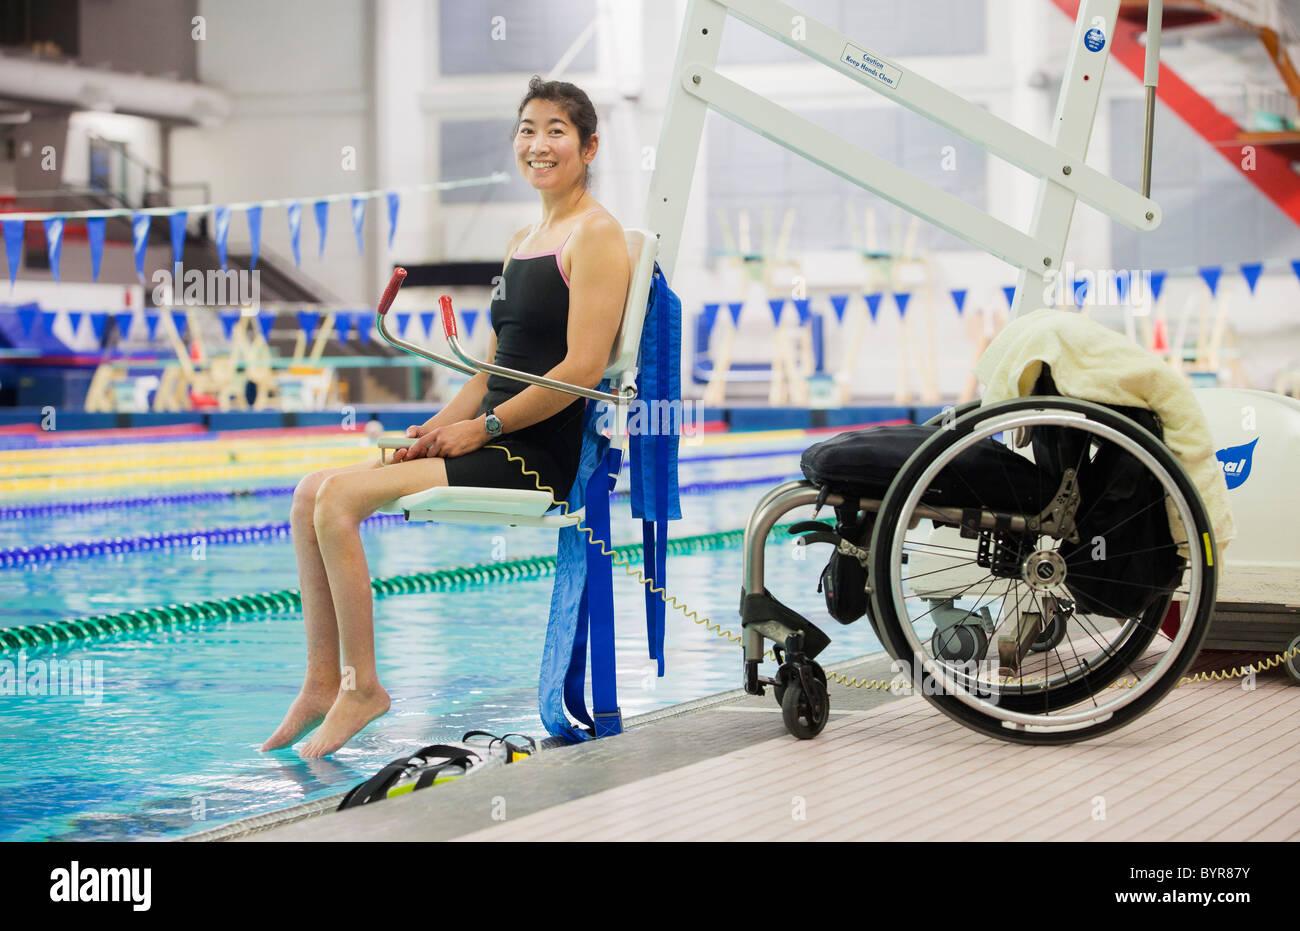 Un paraplégique femme entre dans une piscine sur un pont avec son fauteuil roulant au bord de la piscine; Photo Stock